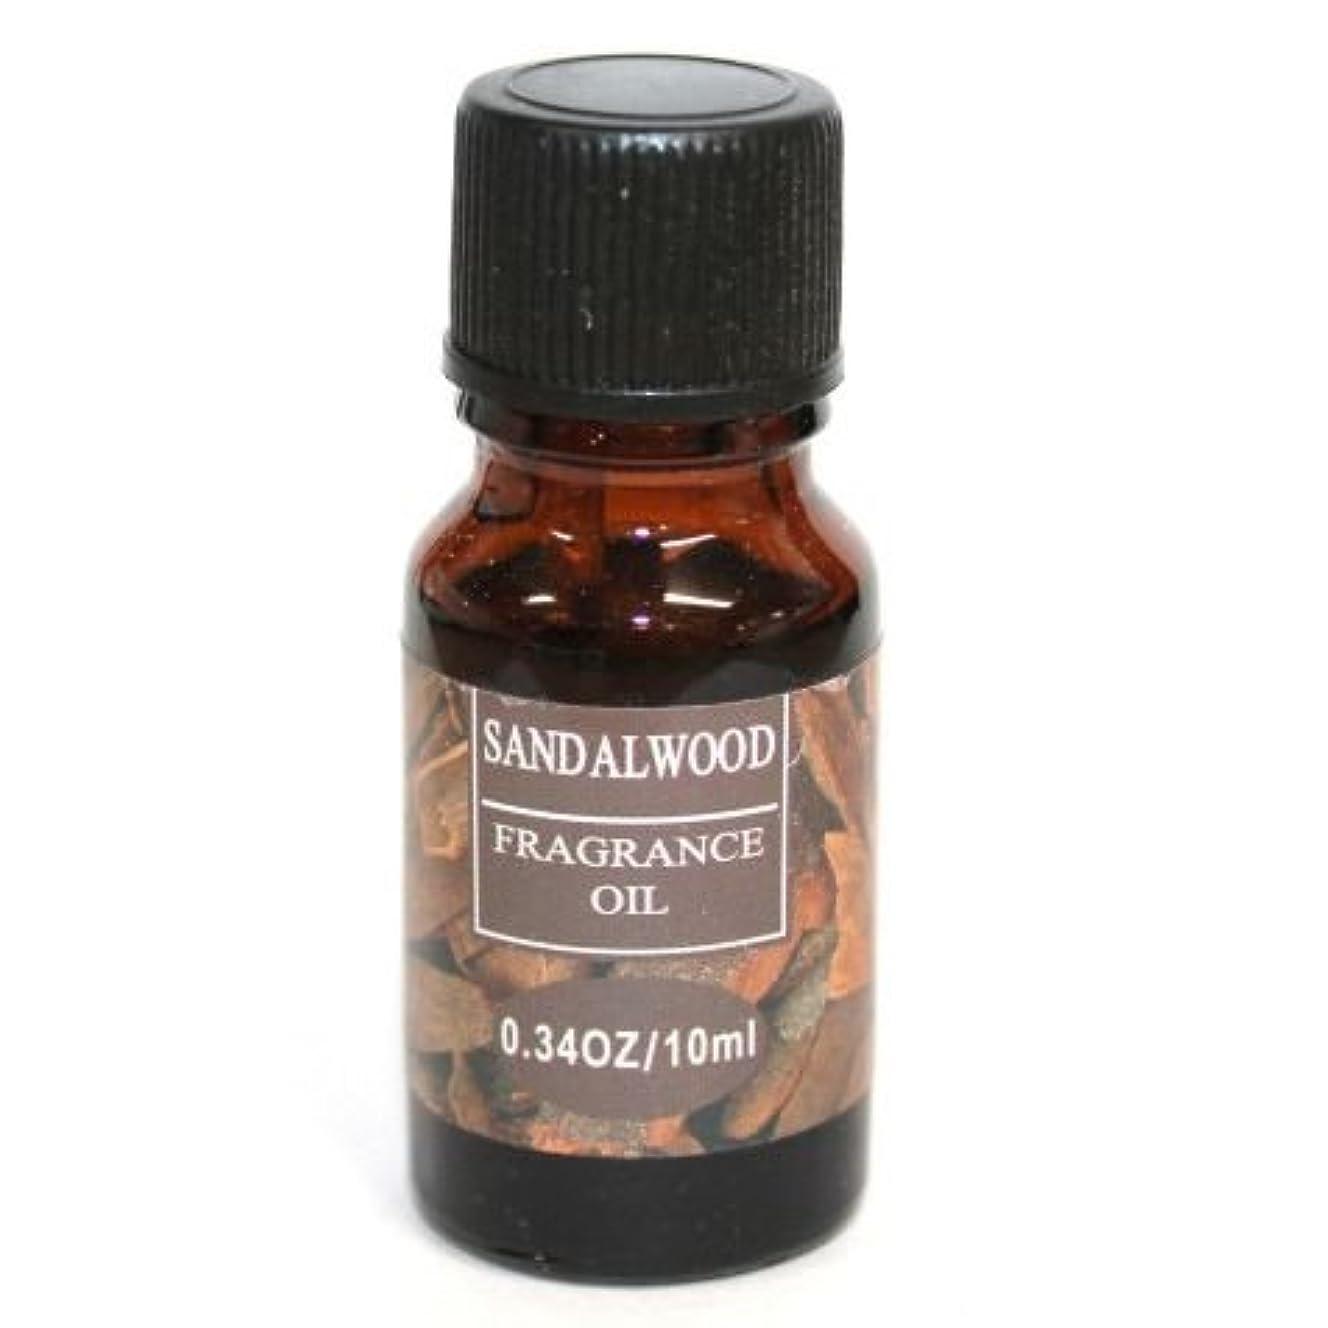 明日緊張不機嫌そうなRELAXING アロマオイル フレグランスオイル サンダルウッドの香り ビャクダン (白檀) RQ-03